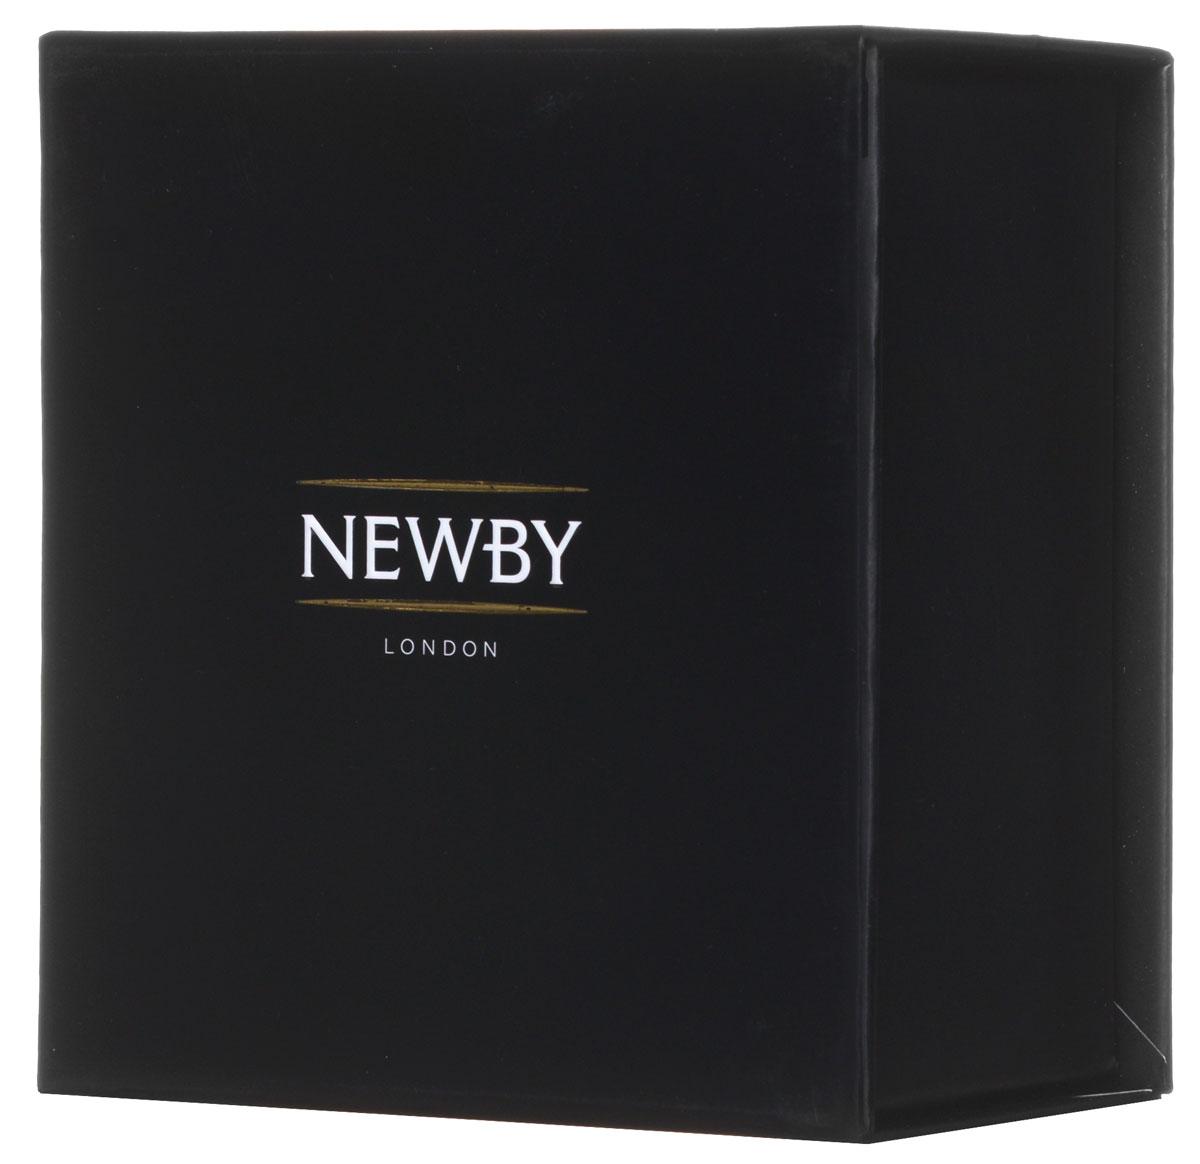 Newby Aries African Blendподарочный набор листового чая, 25 г (ж/б) Newby